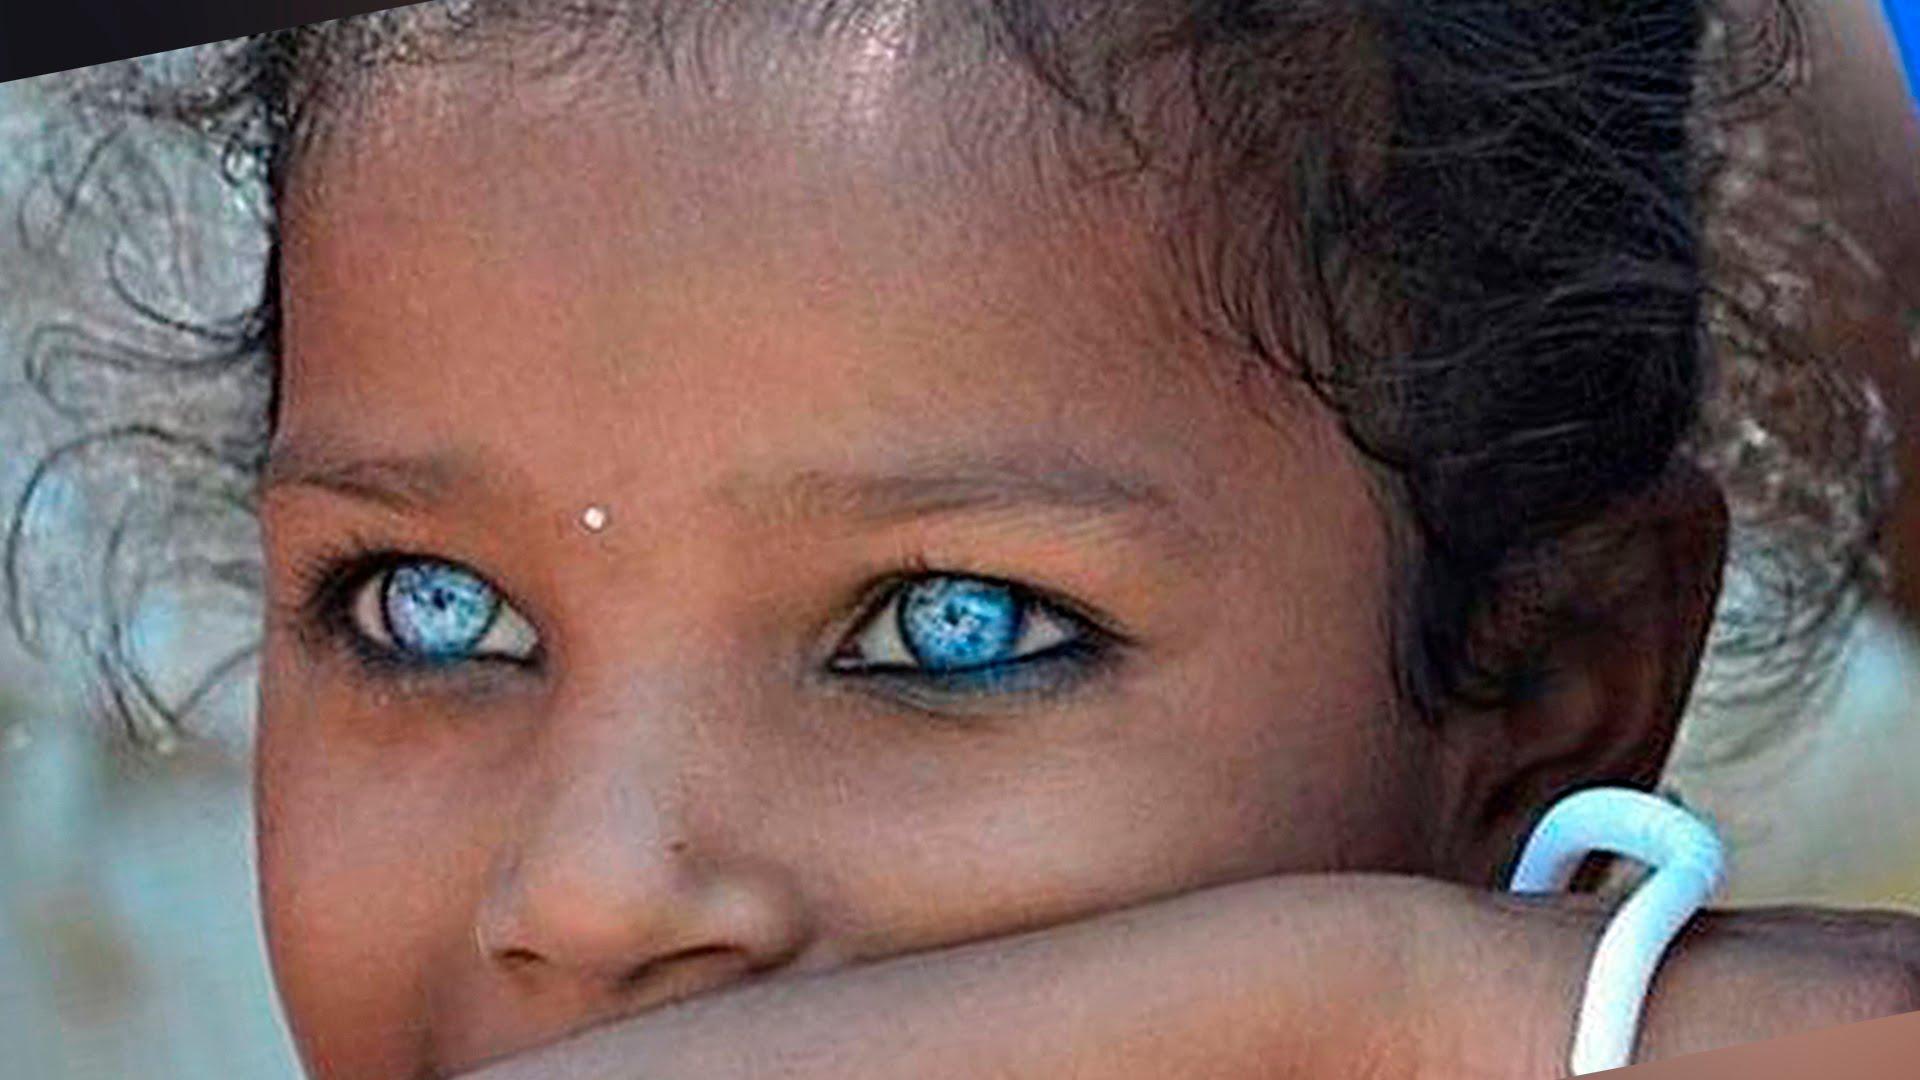 какие бывают красивые глаза фото будут больше дублей